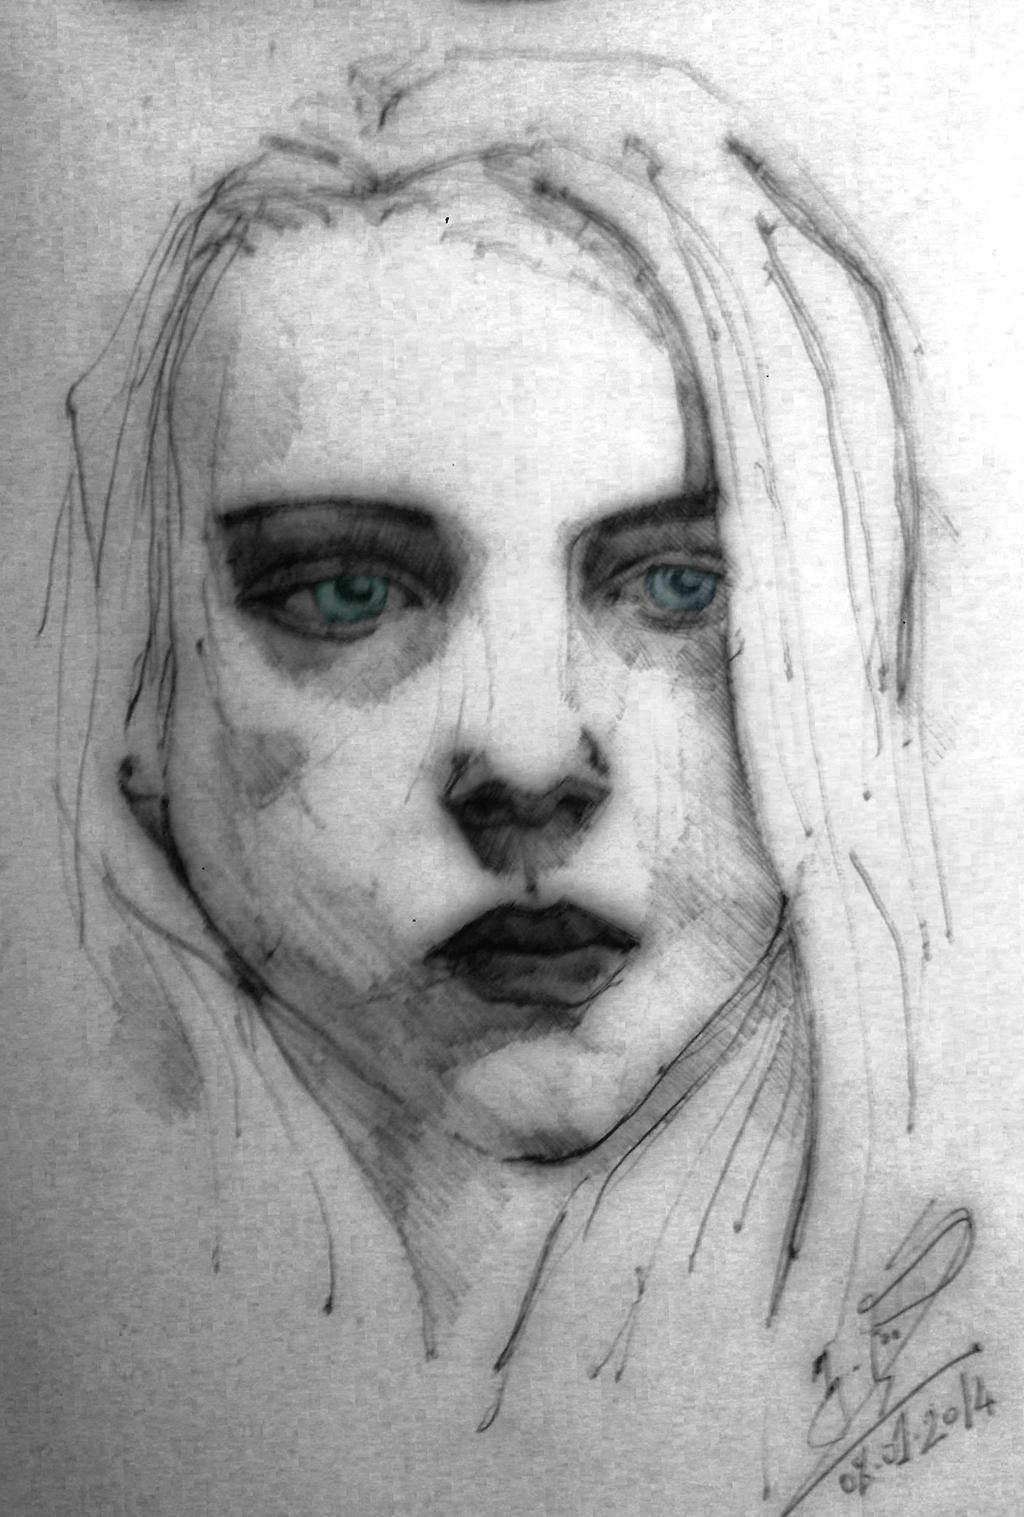 Girl of Charcoal (3) by Vangega